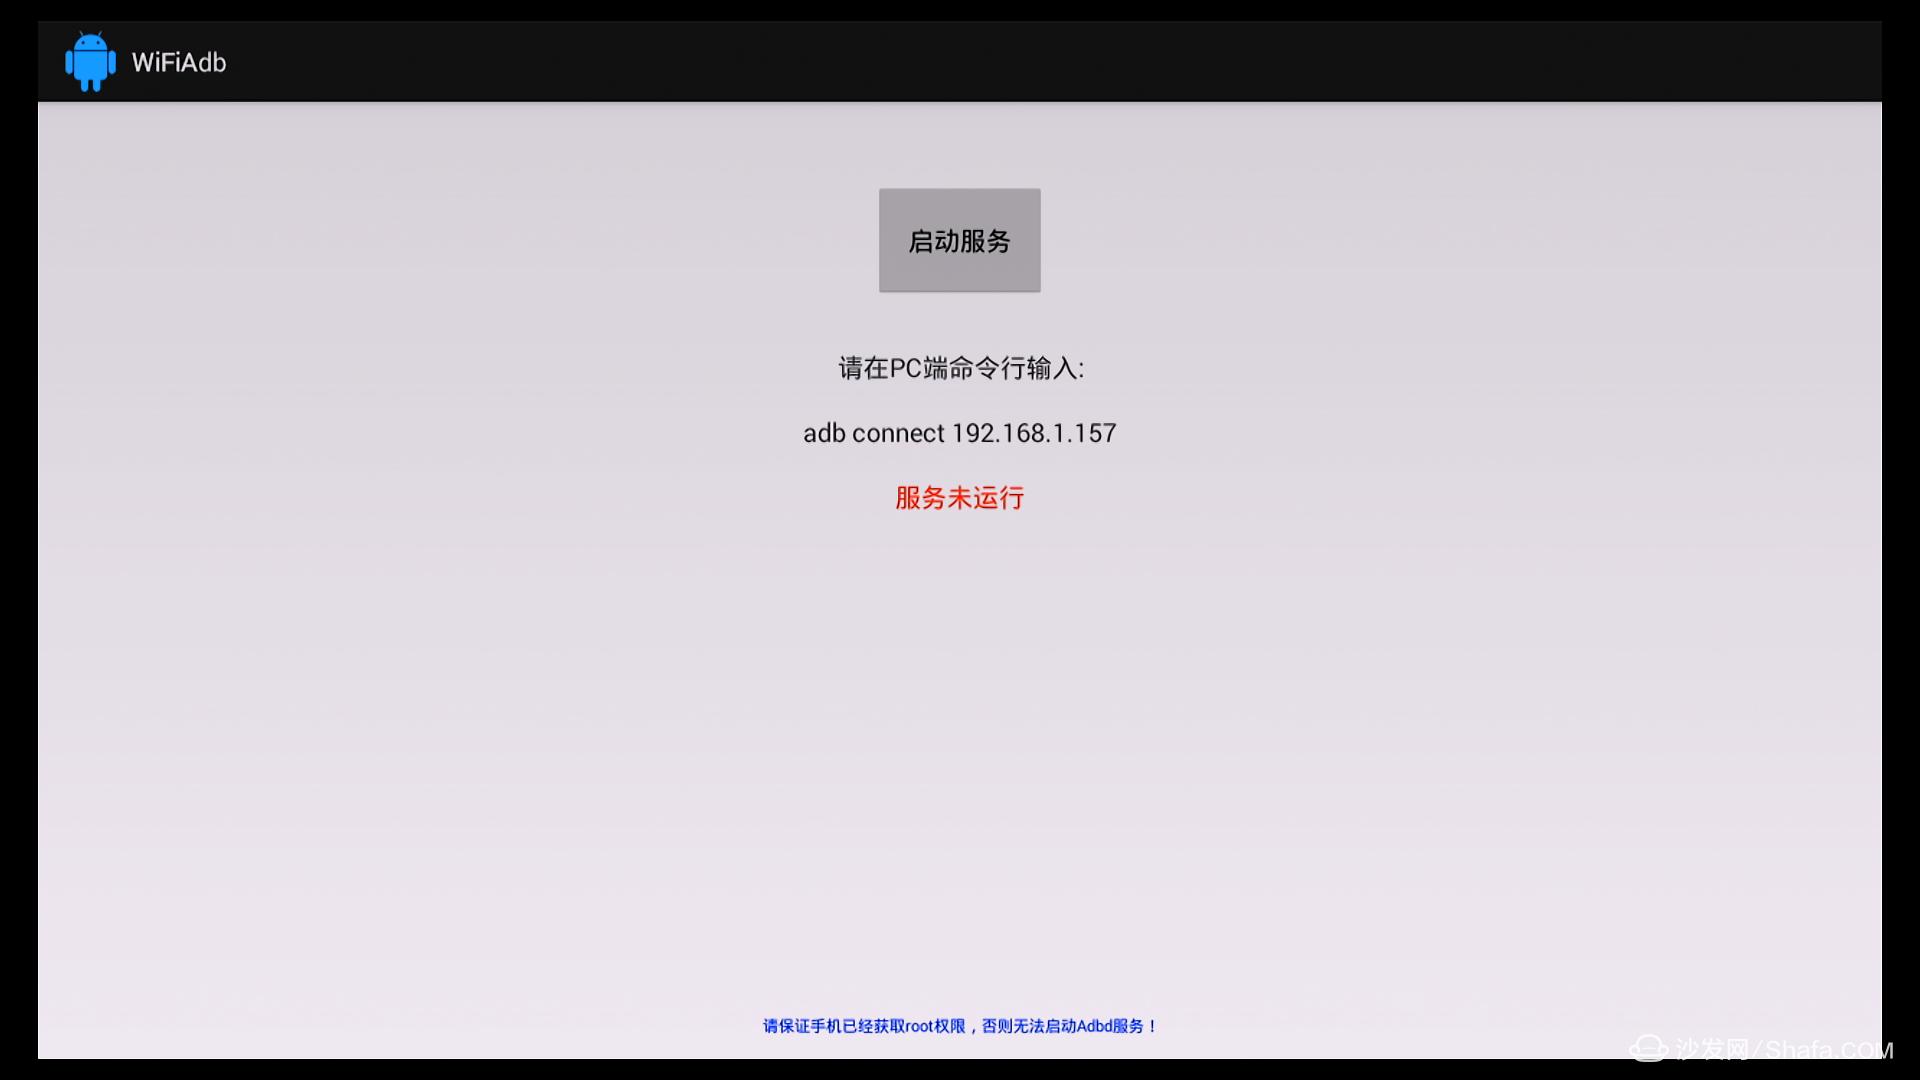 华为悦盒ADB